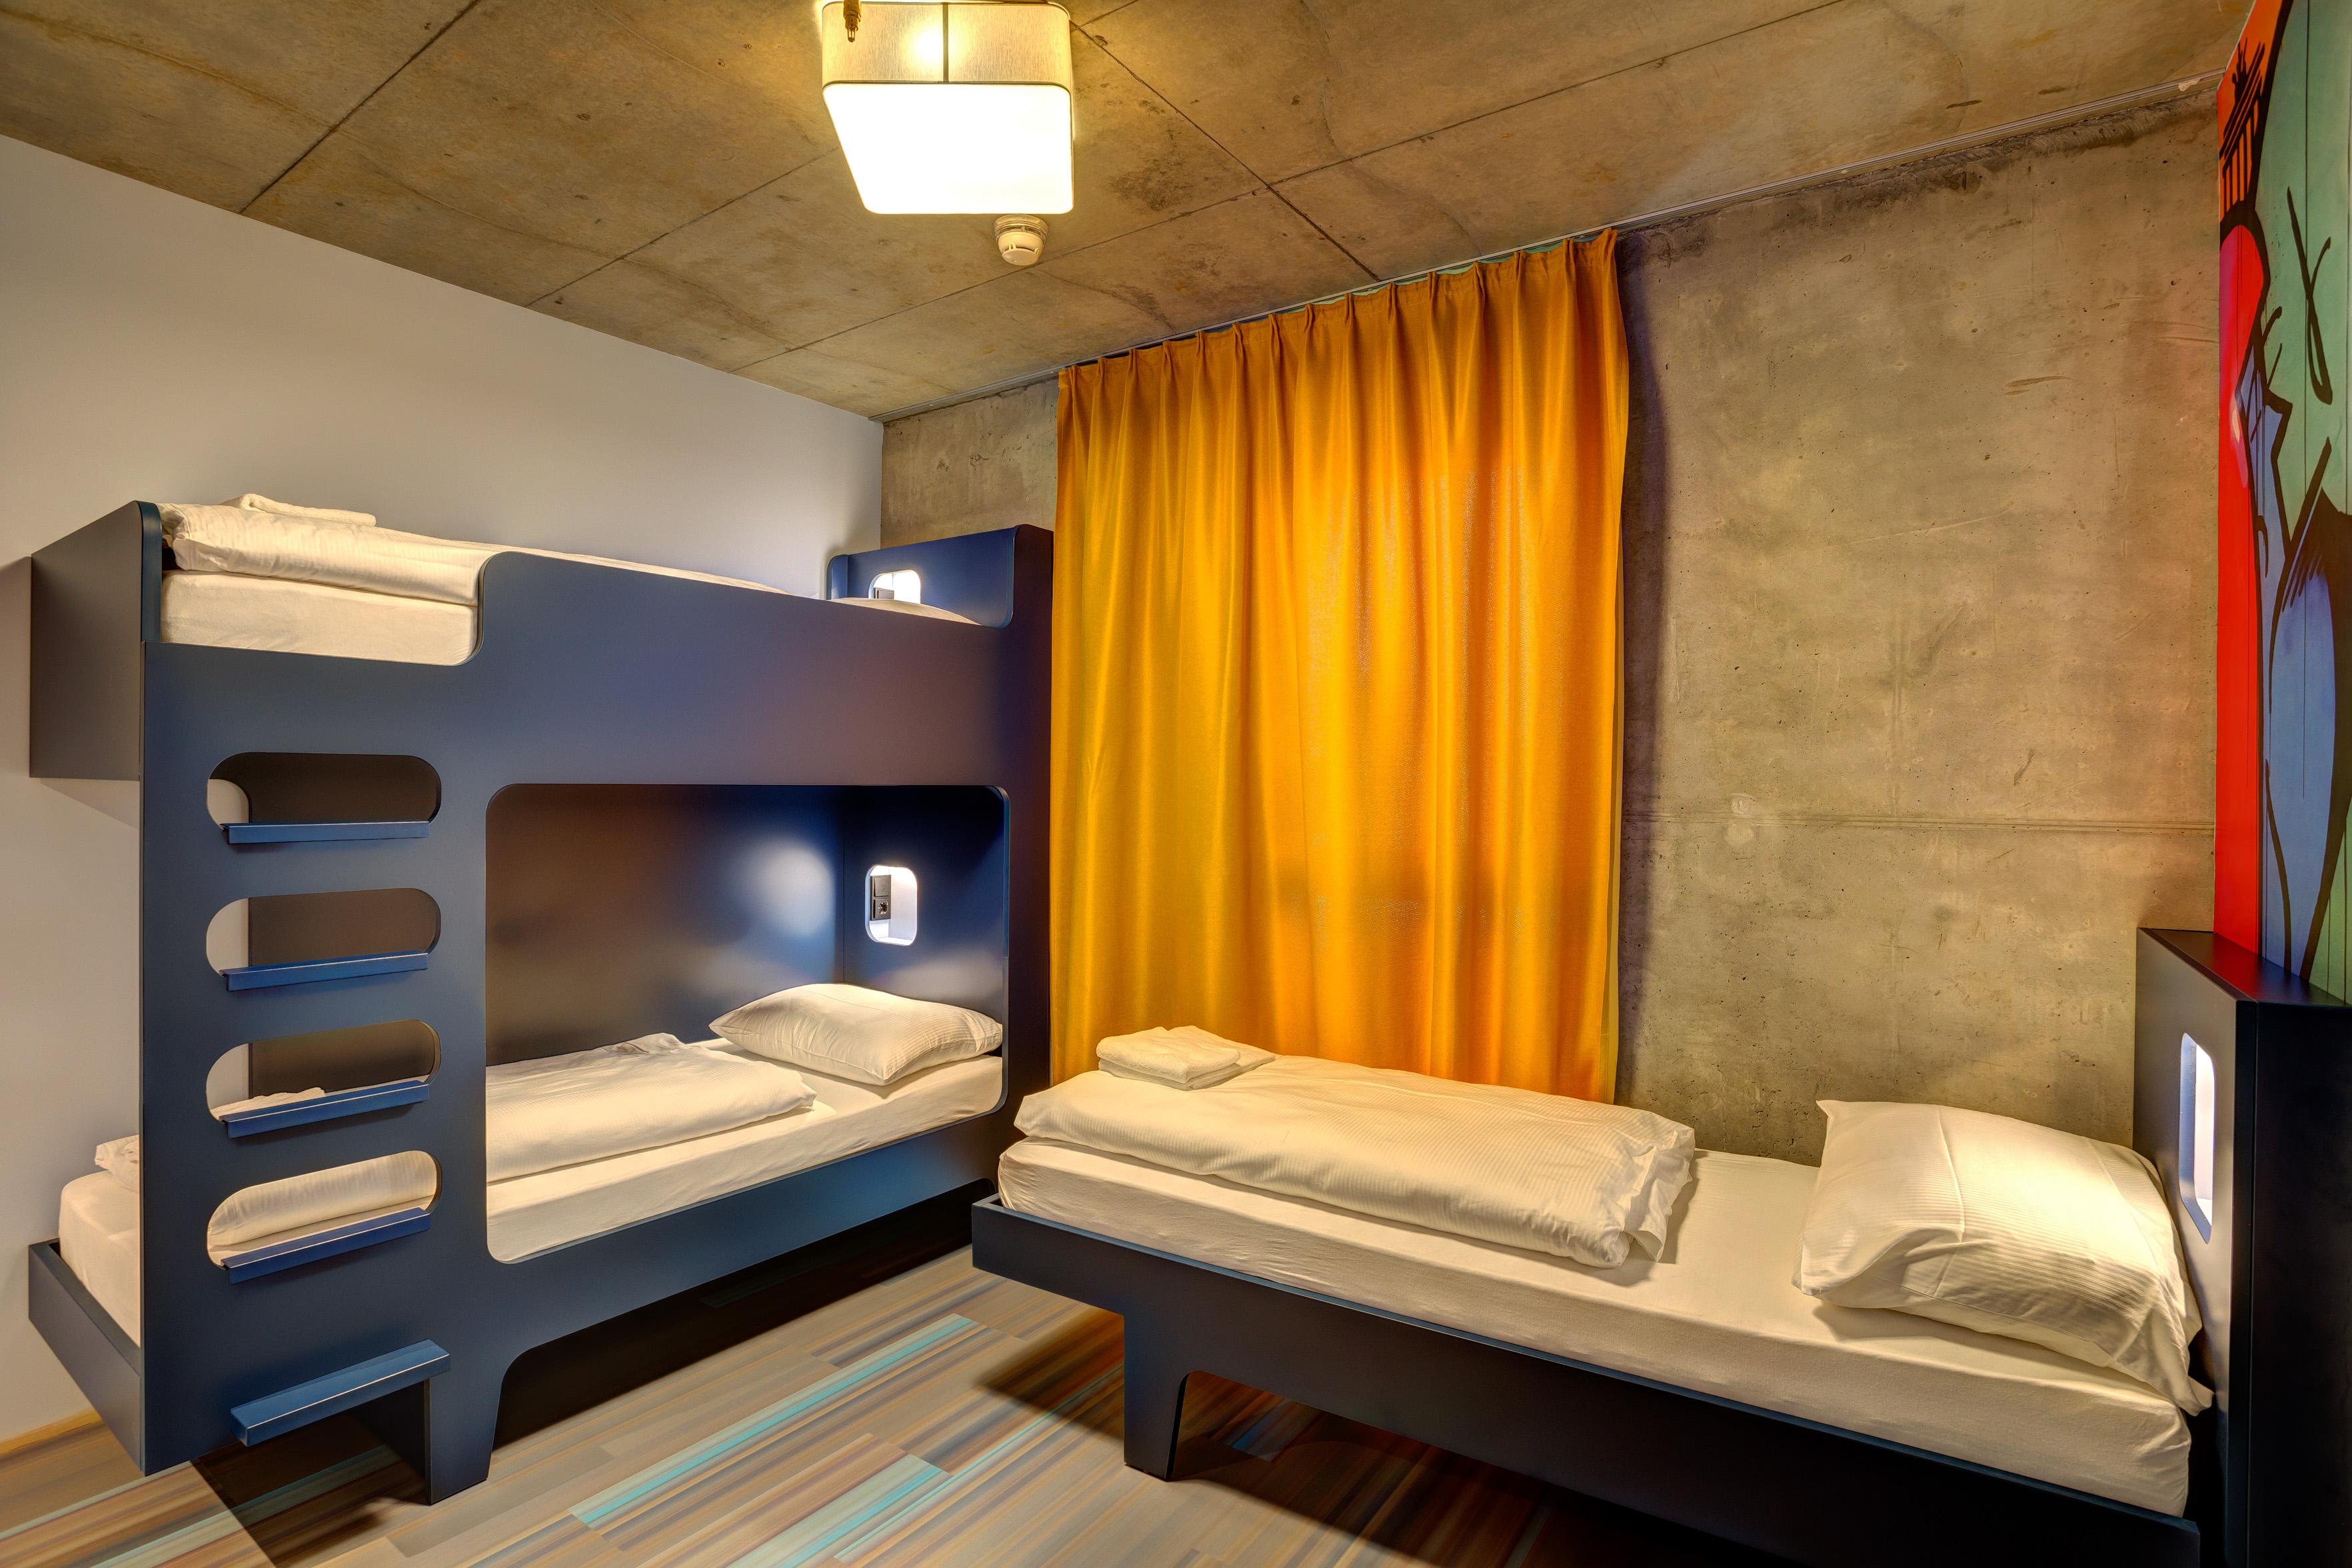 MEININGER Hotel Berlin East Side Gallery - Multi-bed